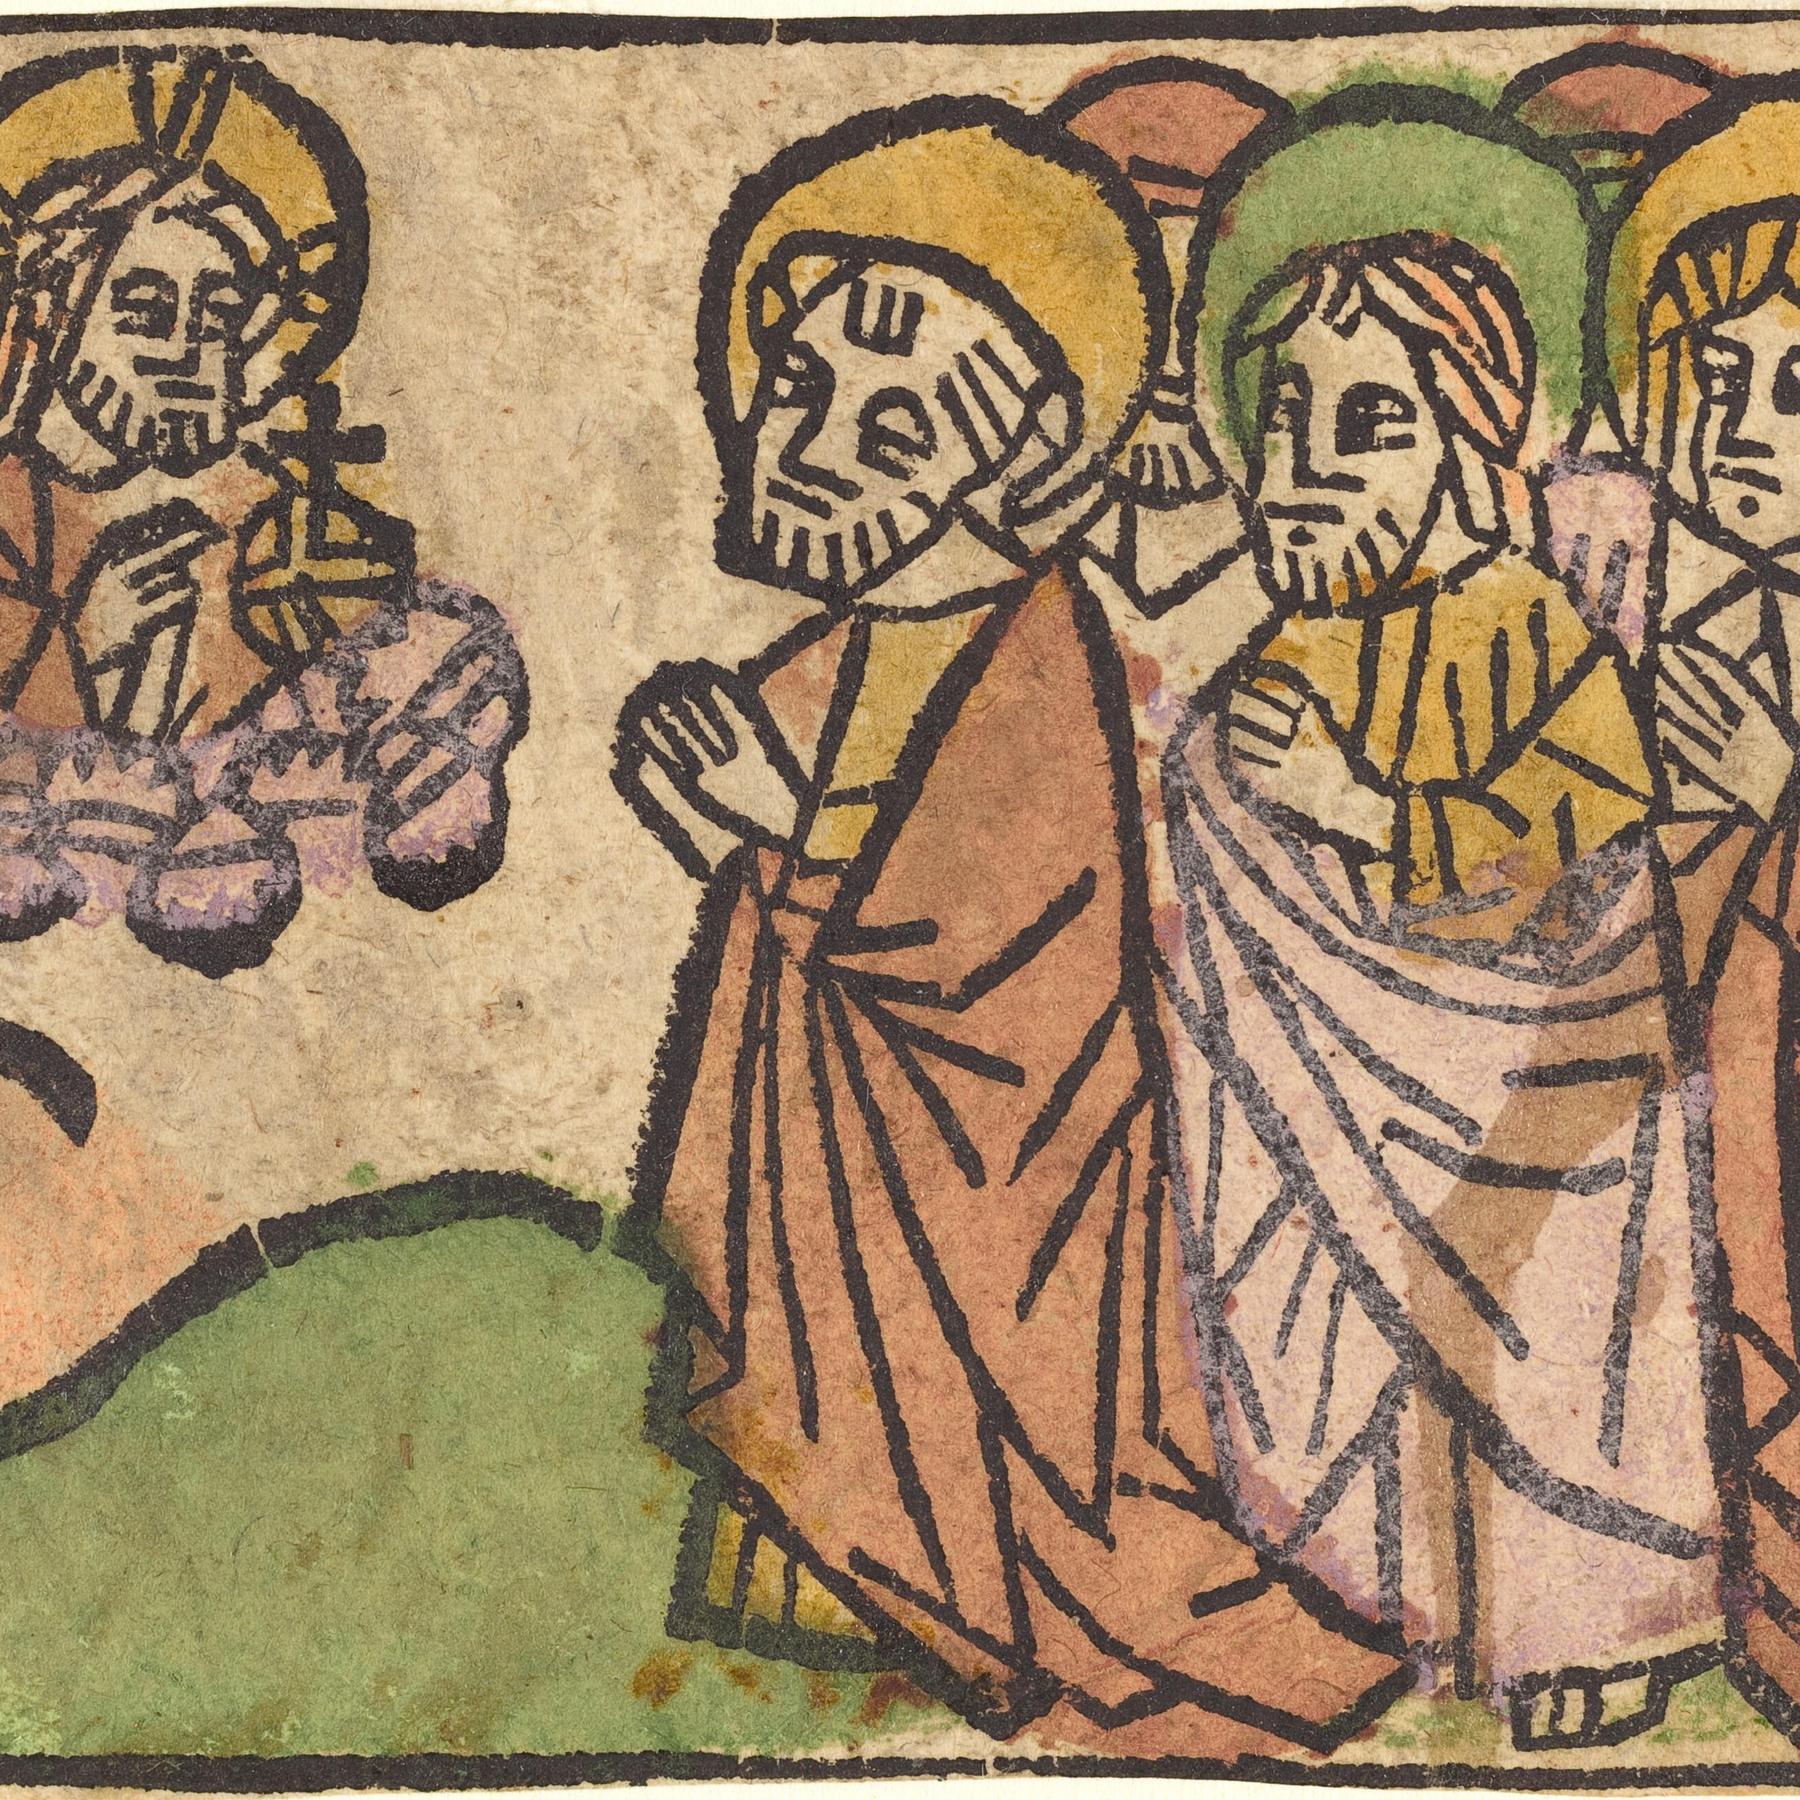 Apostel-Geschichte(n) - Vom Beginn des Christentums